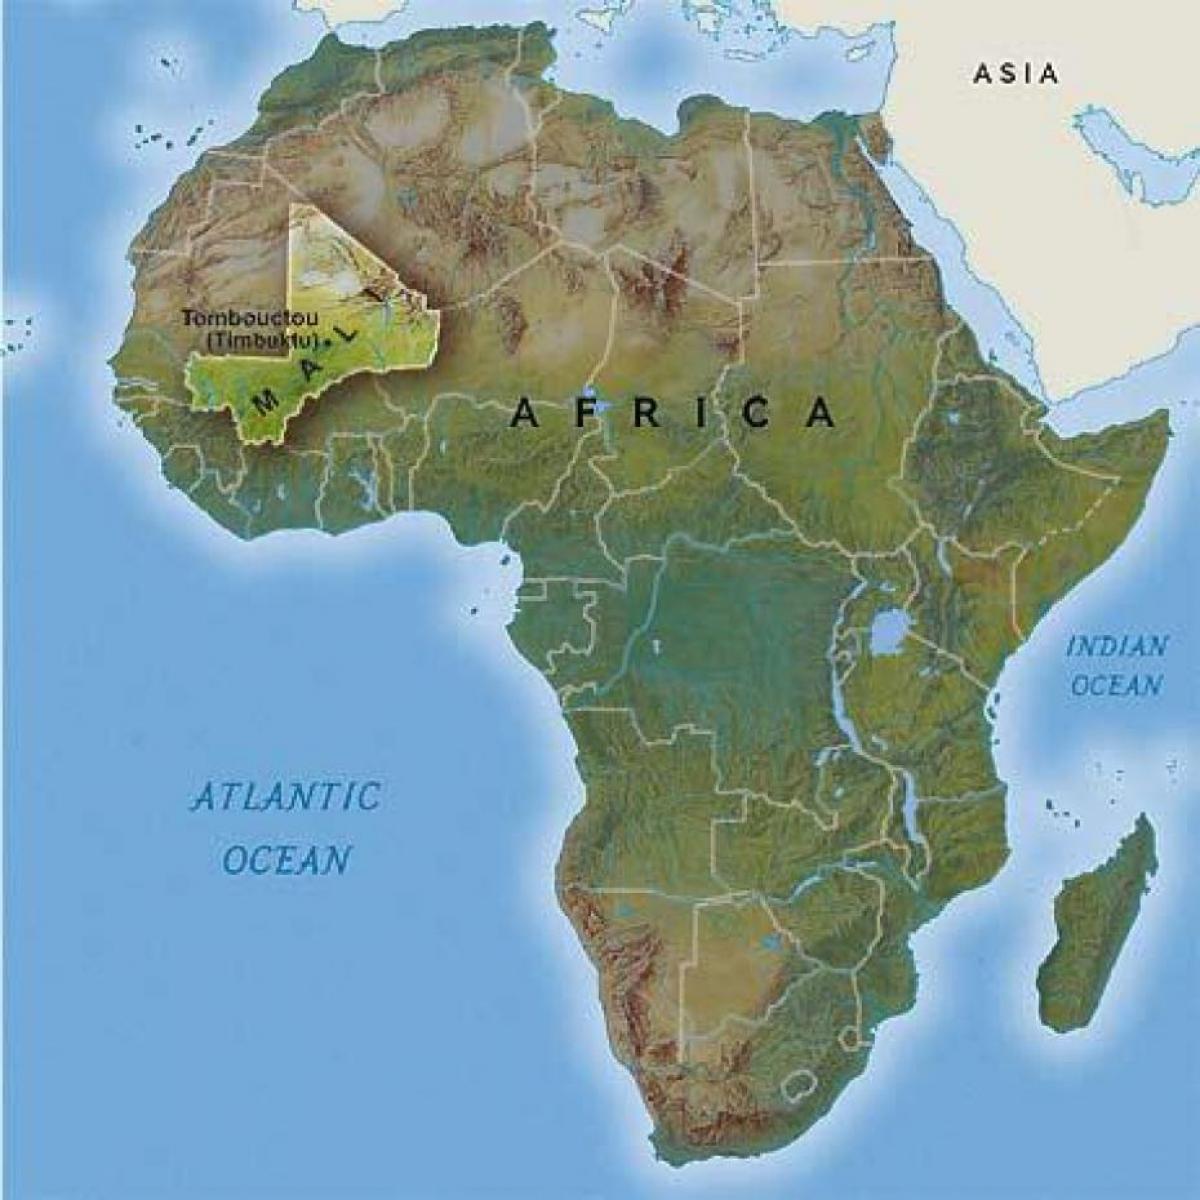 Timbuktu Mali map - Tombouctou Mali map (Western Africa - Africa)